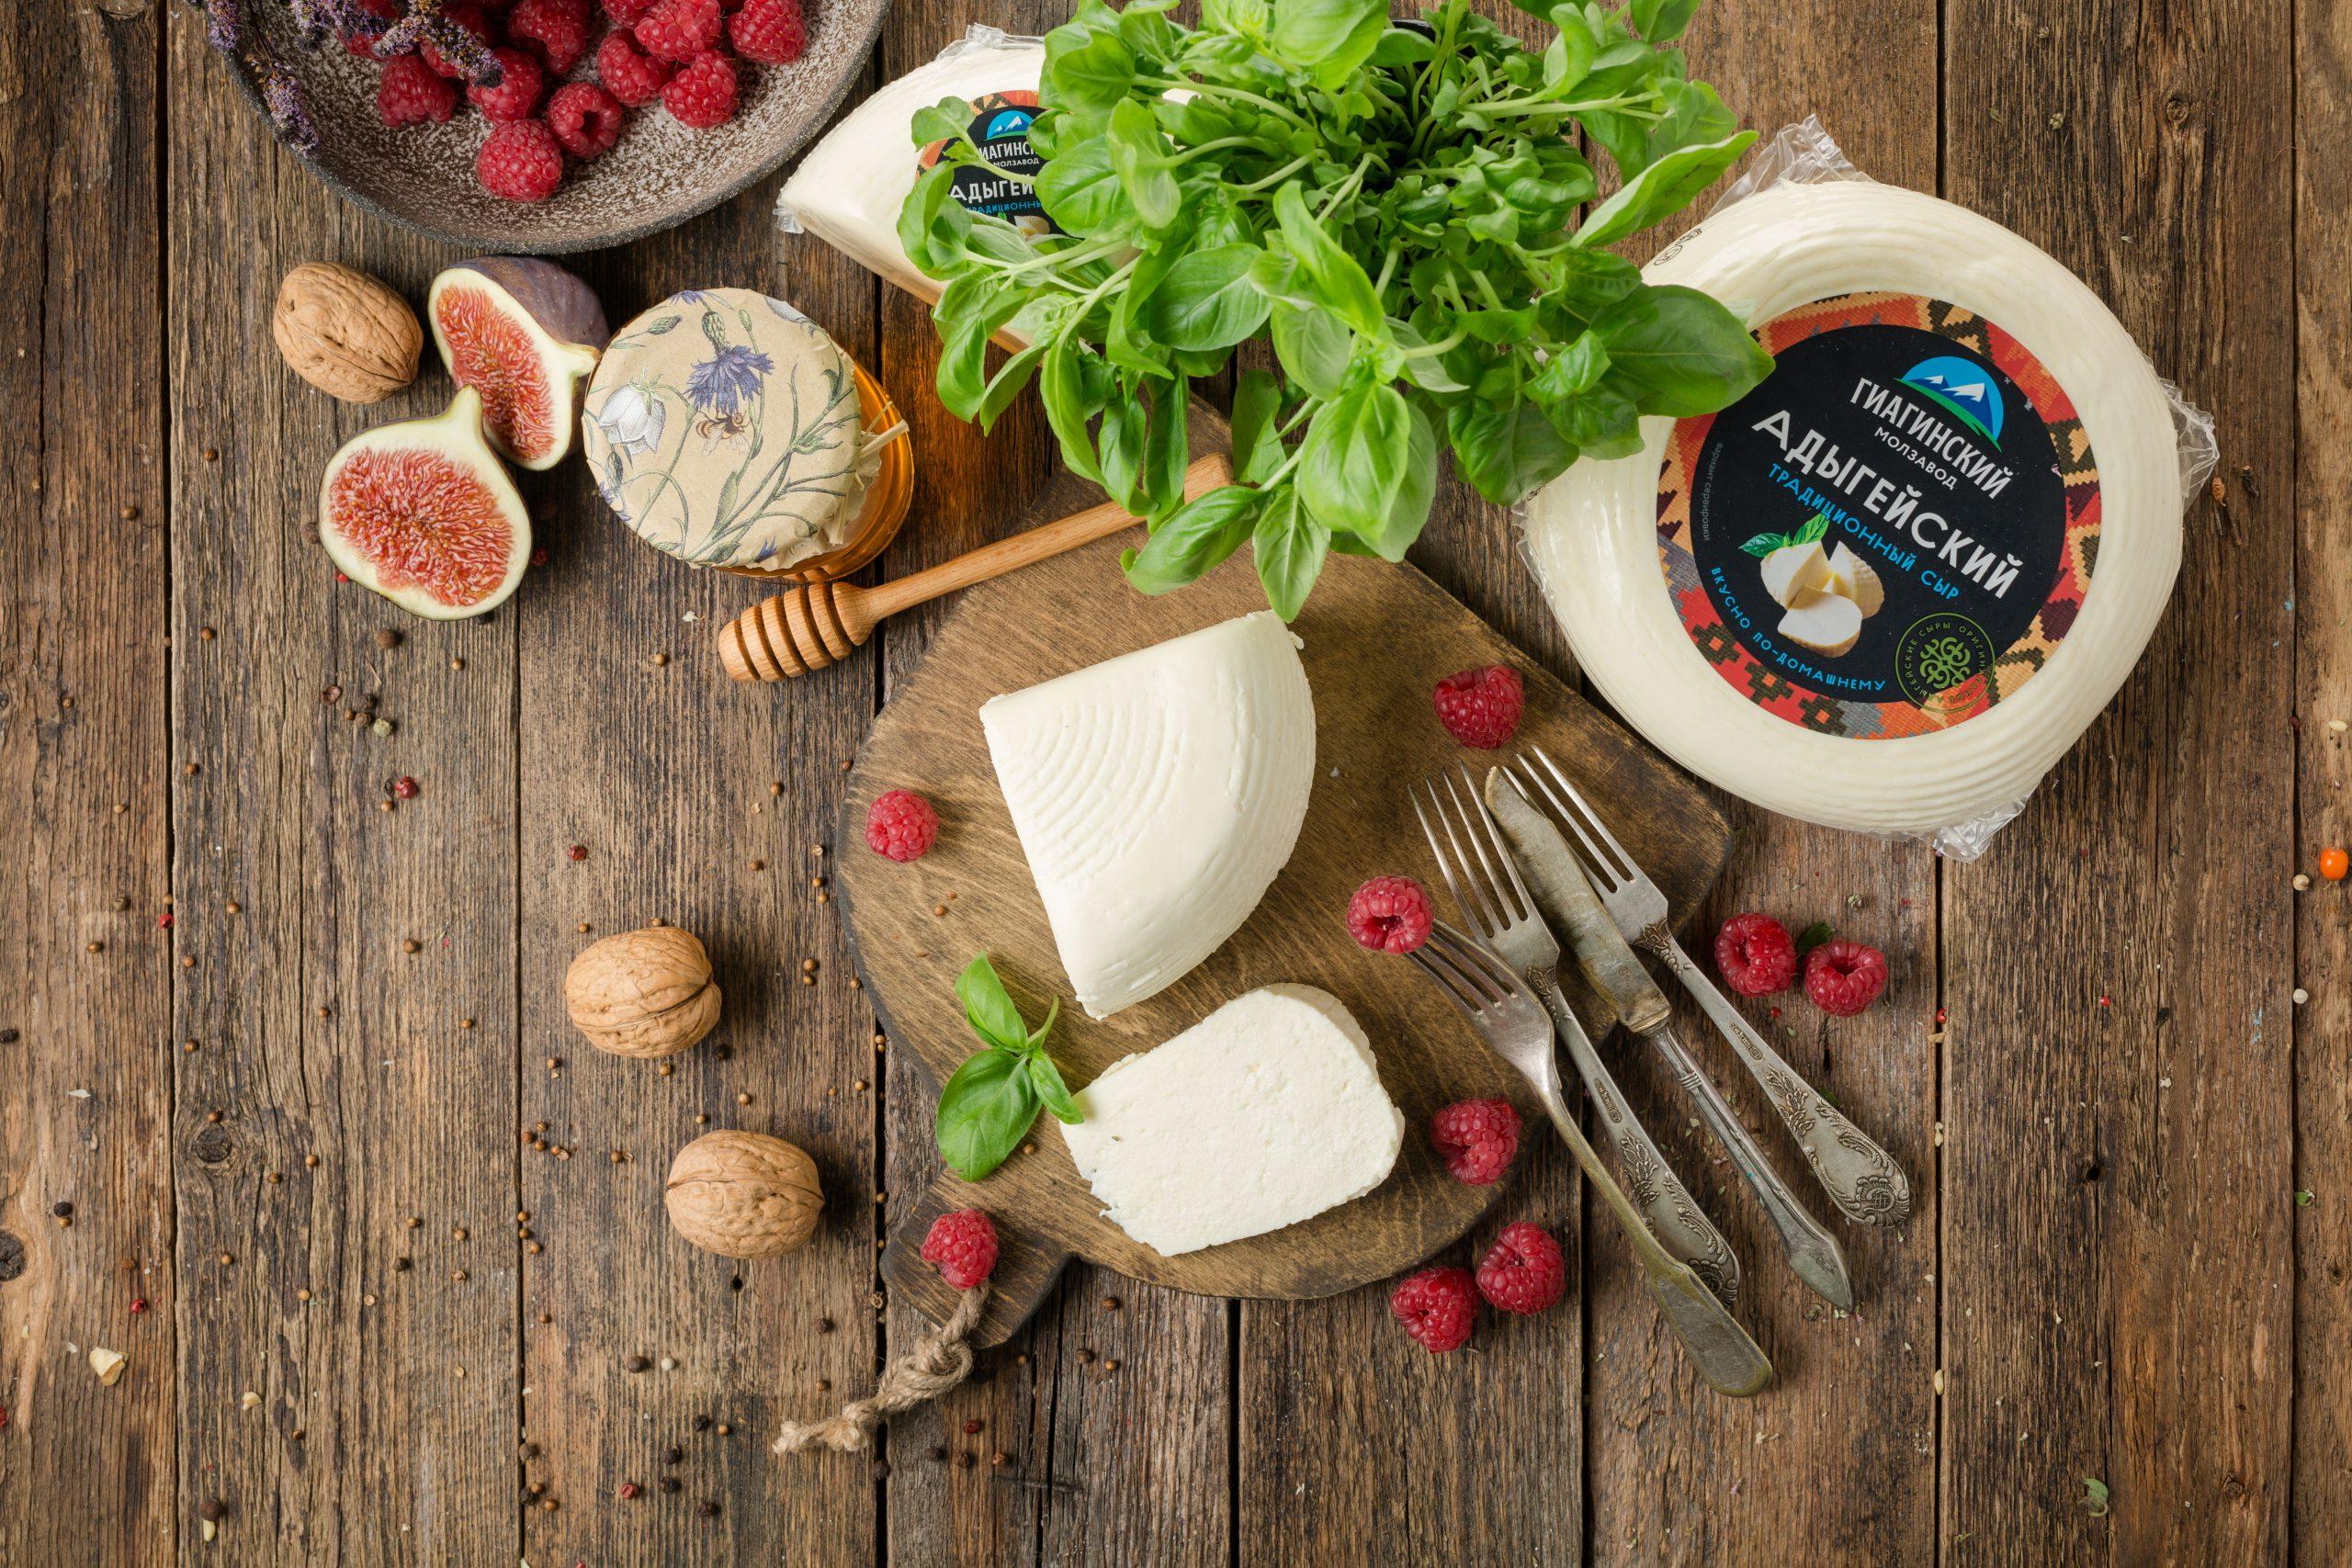 Производитель рассказал о «новом» тестировании адыгейского сыра